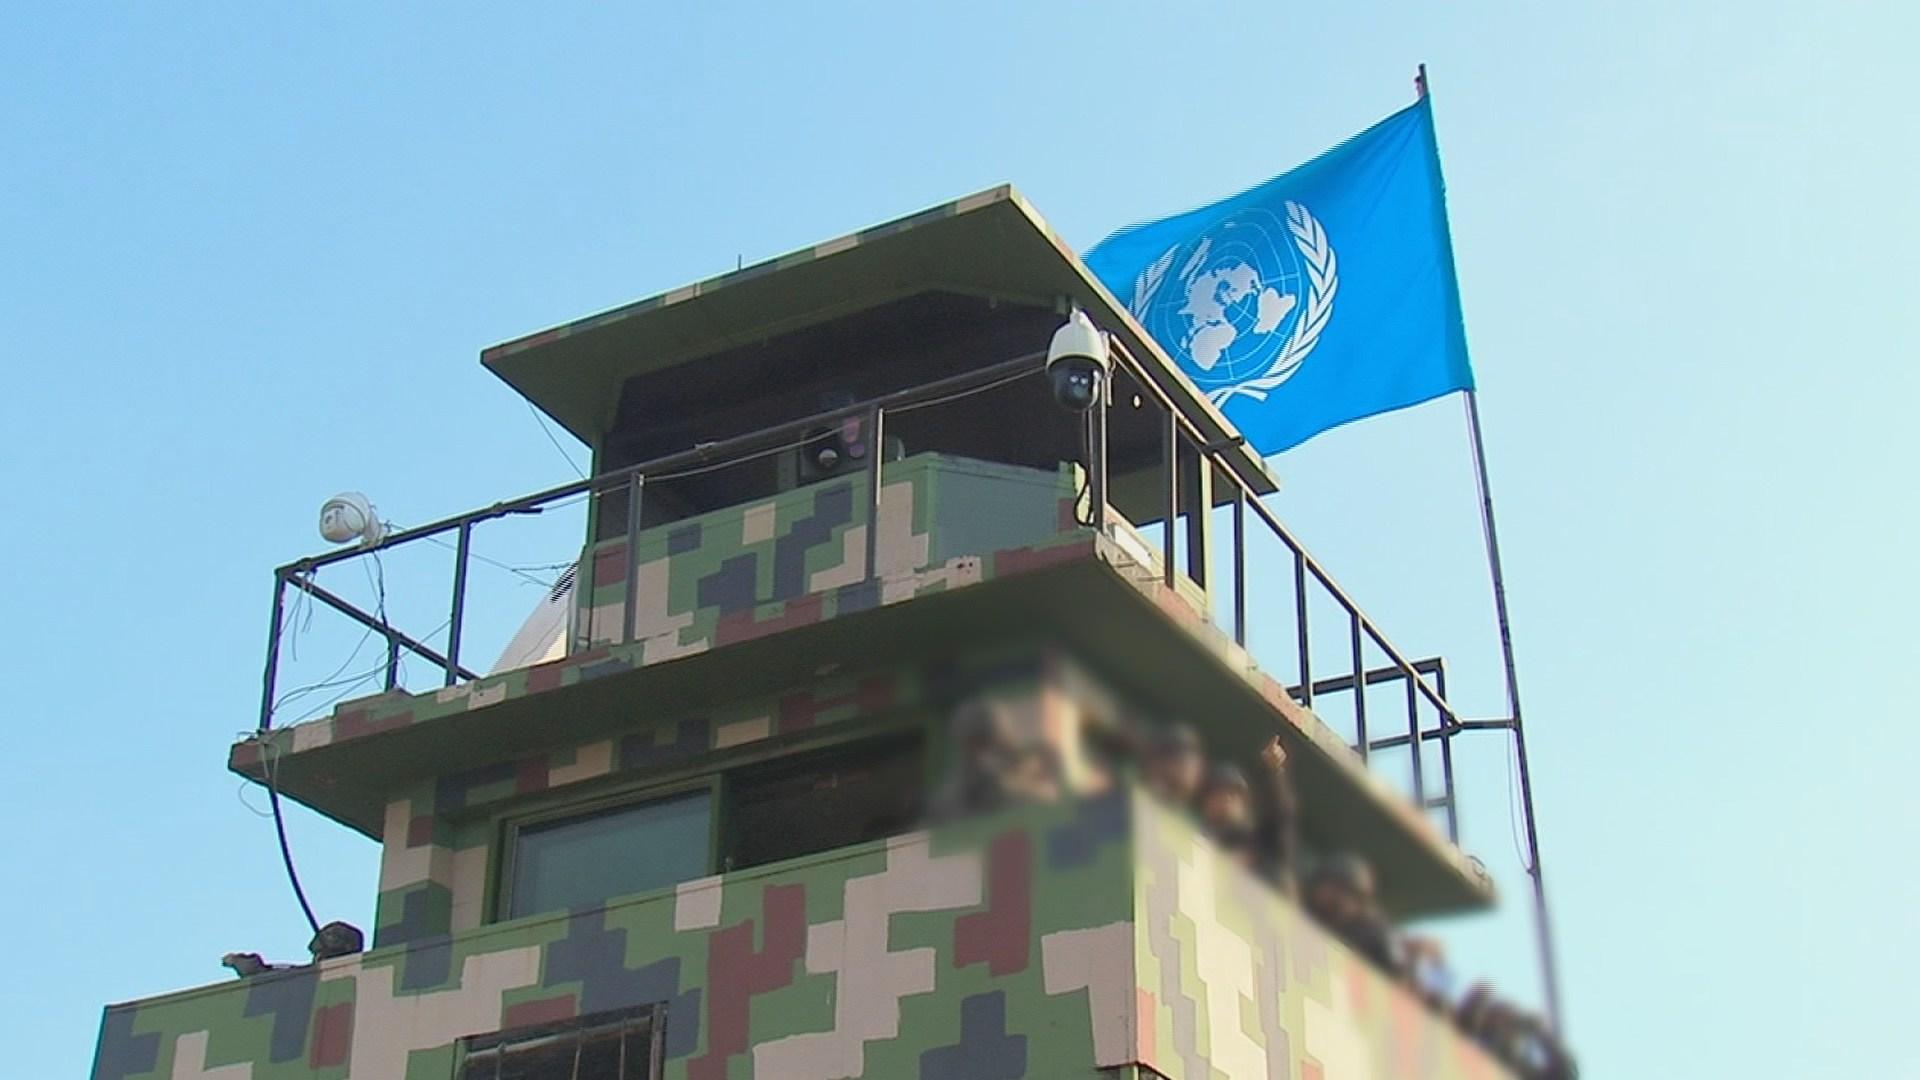 유엔사·국방부 갈등 수면 위로…'엇갈린 발표' 파장 촉각